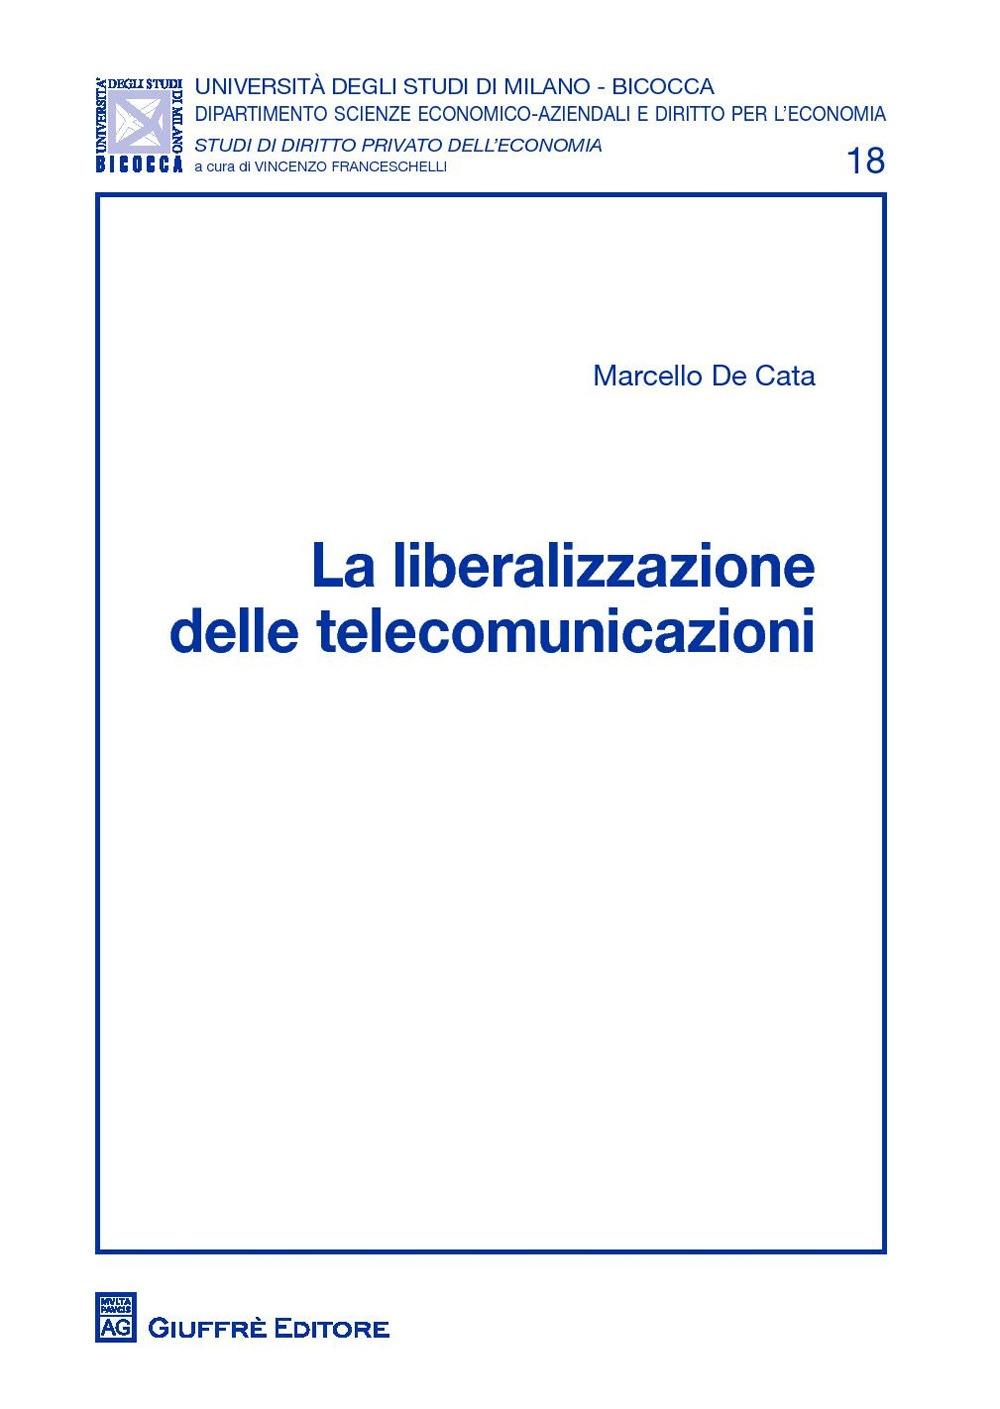 La liberalizzazione delle telecomunicazioni